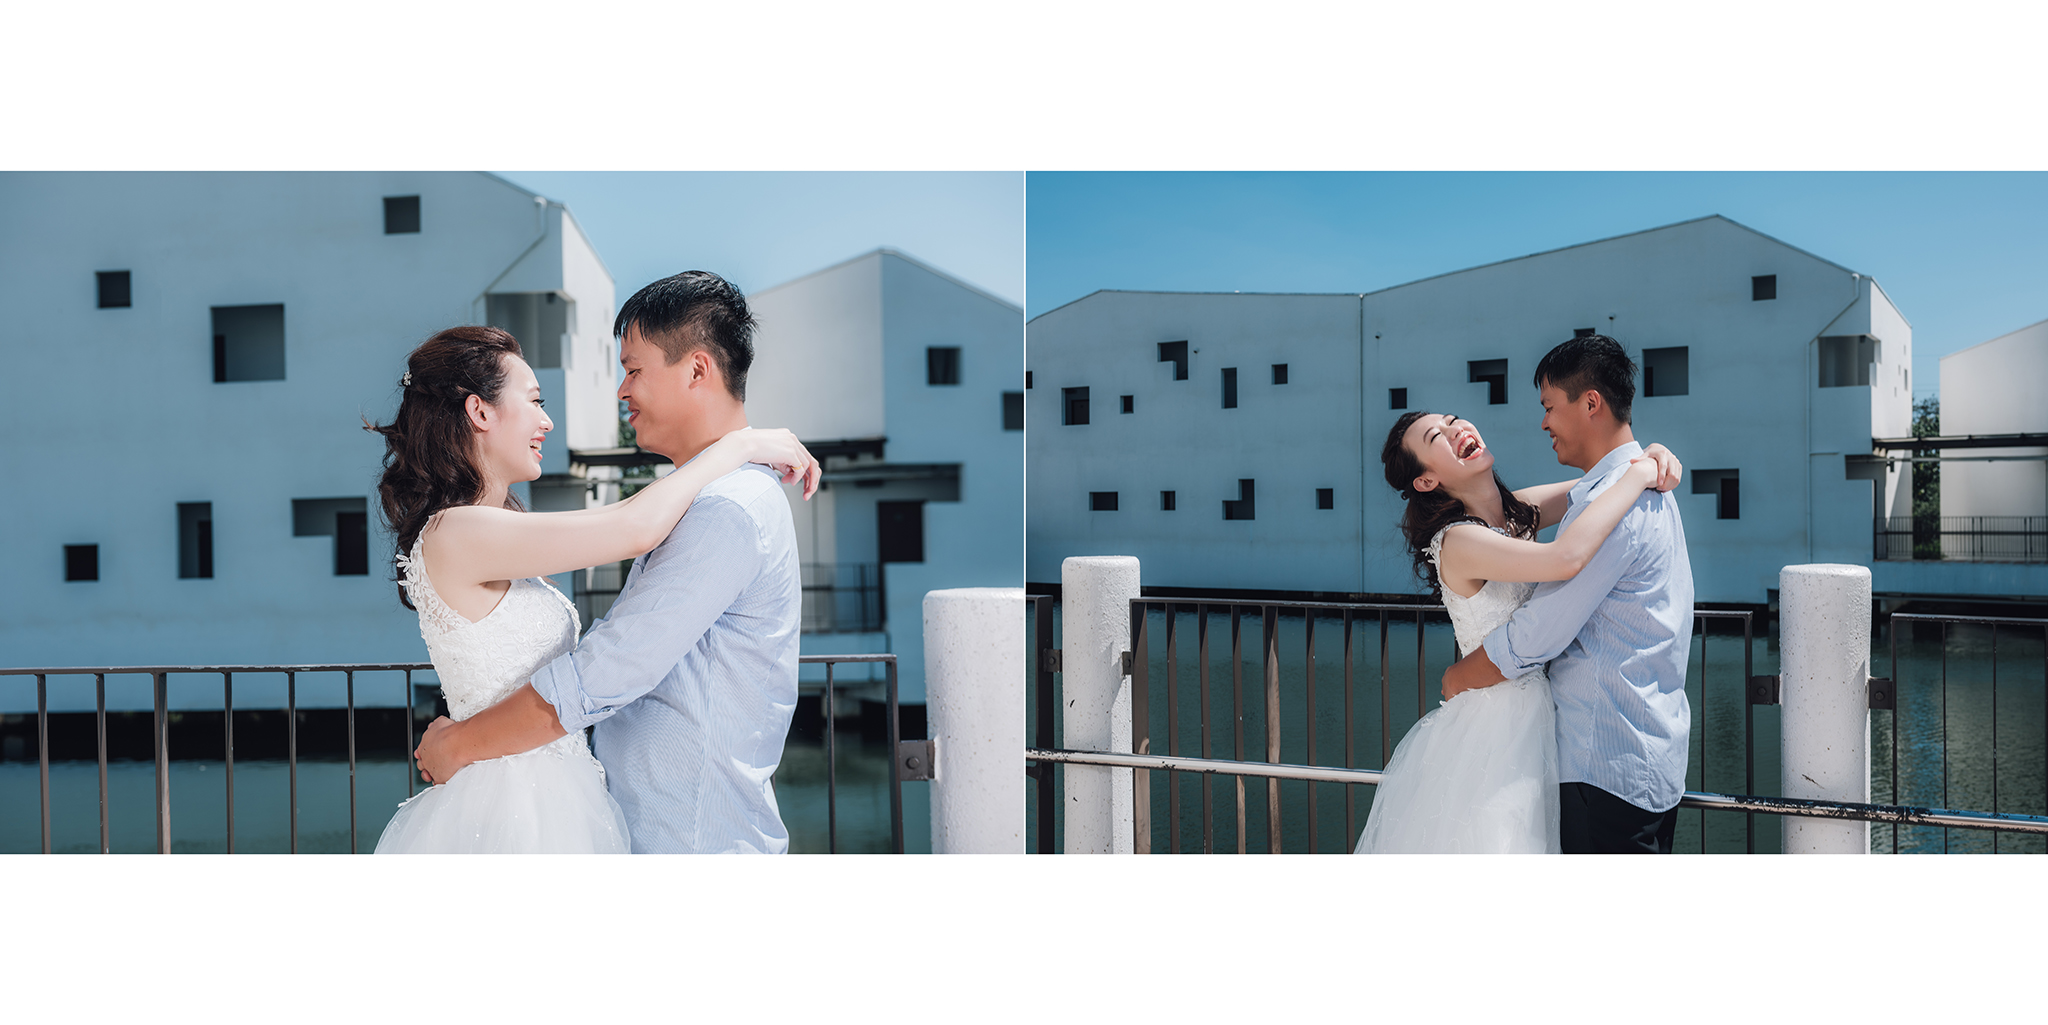 41976421900 d32a23c965 o - 【自主婚紗】+儒儒&世英+